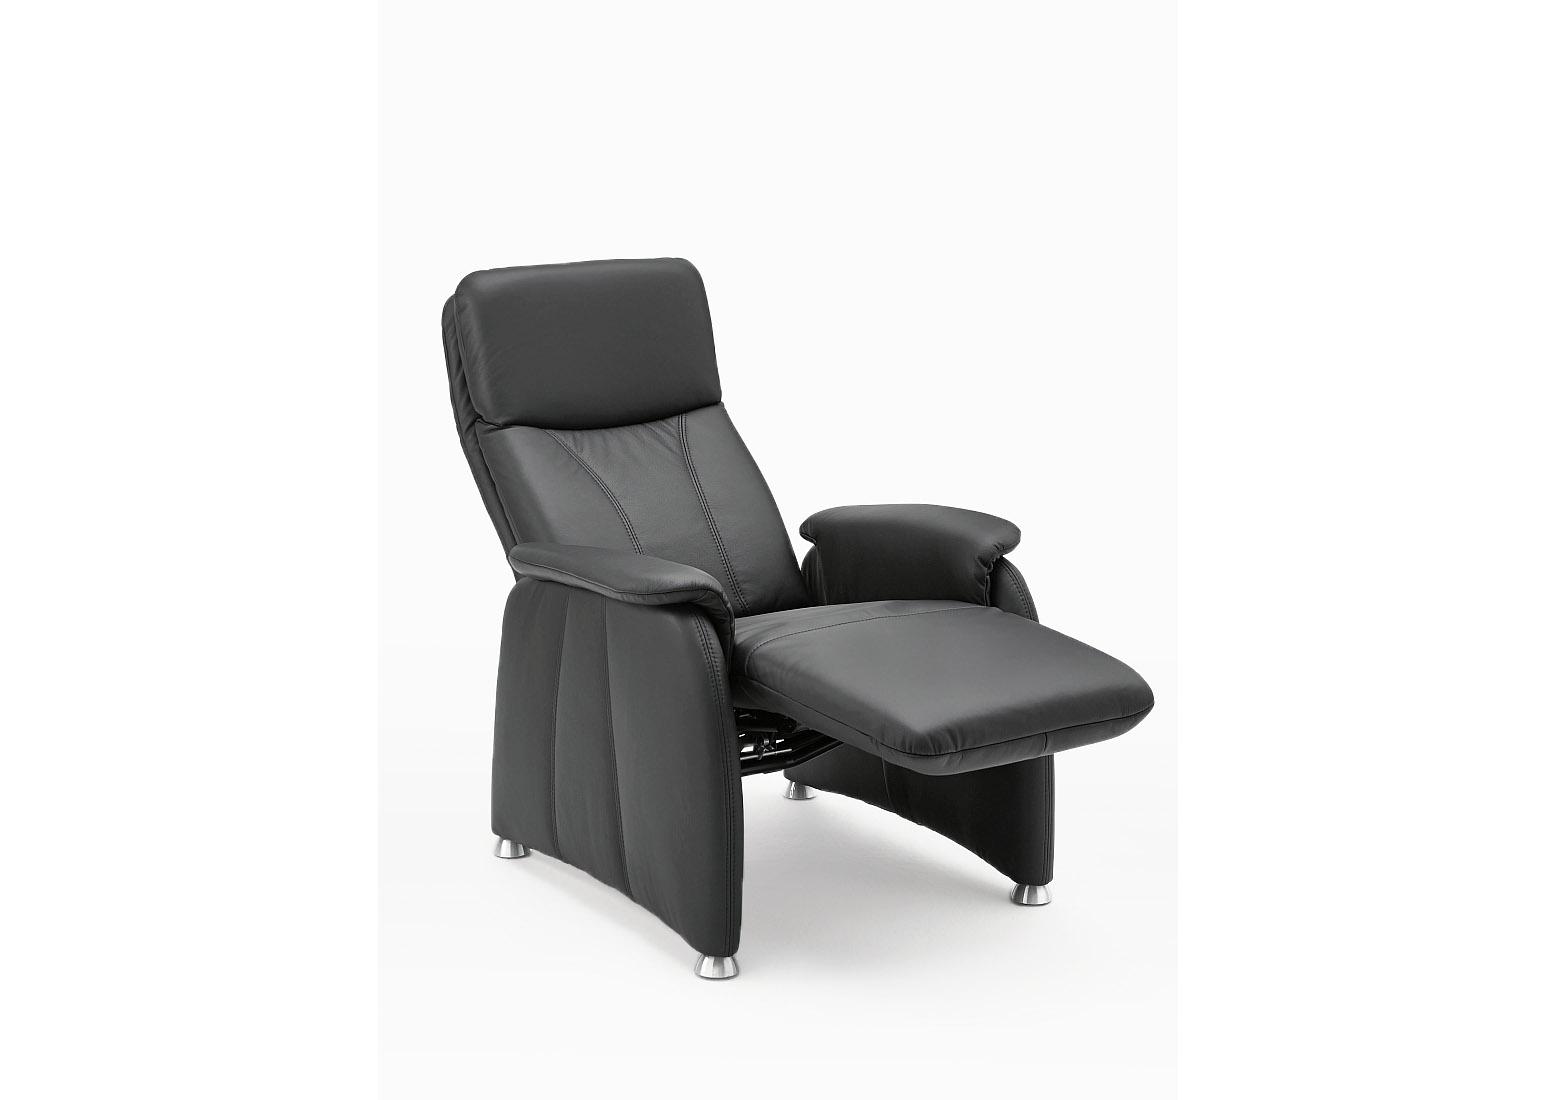 tv sessel leder schwarz die neueste innovation der innenarchitektur und m bel. Black Bedroom Furniture Sets. Home Design Ideas